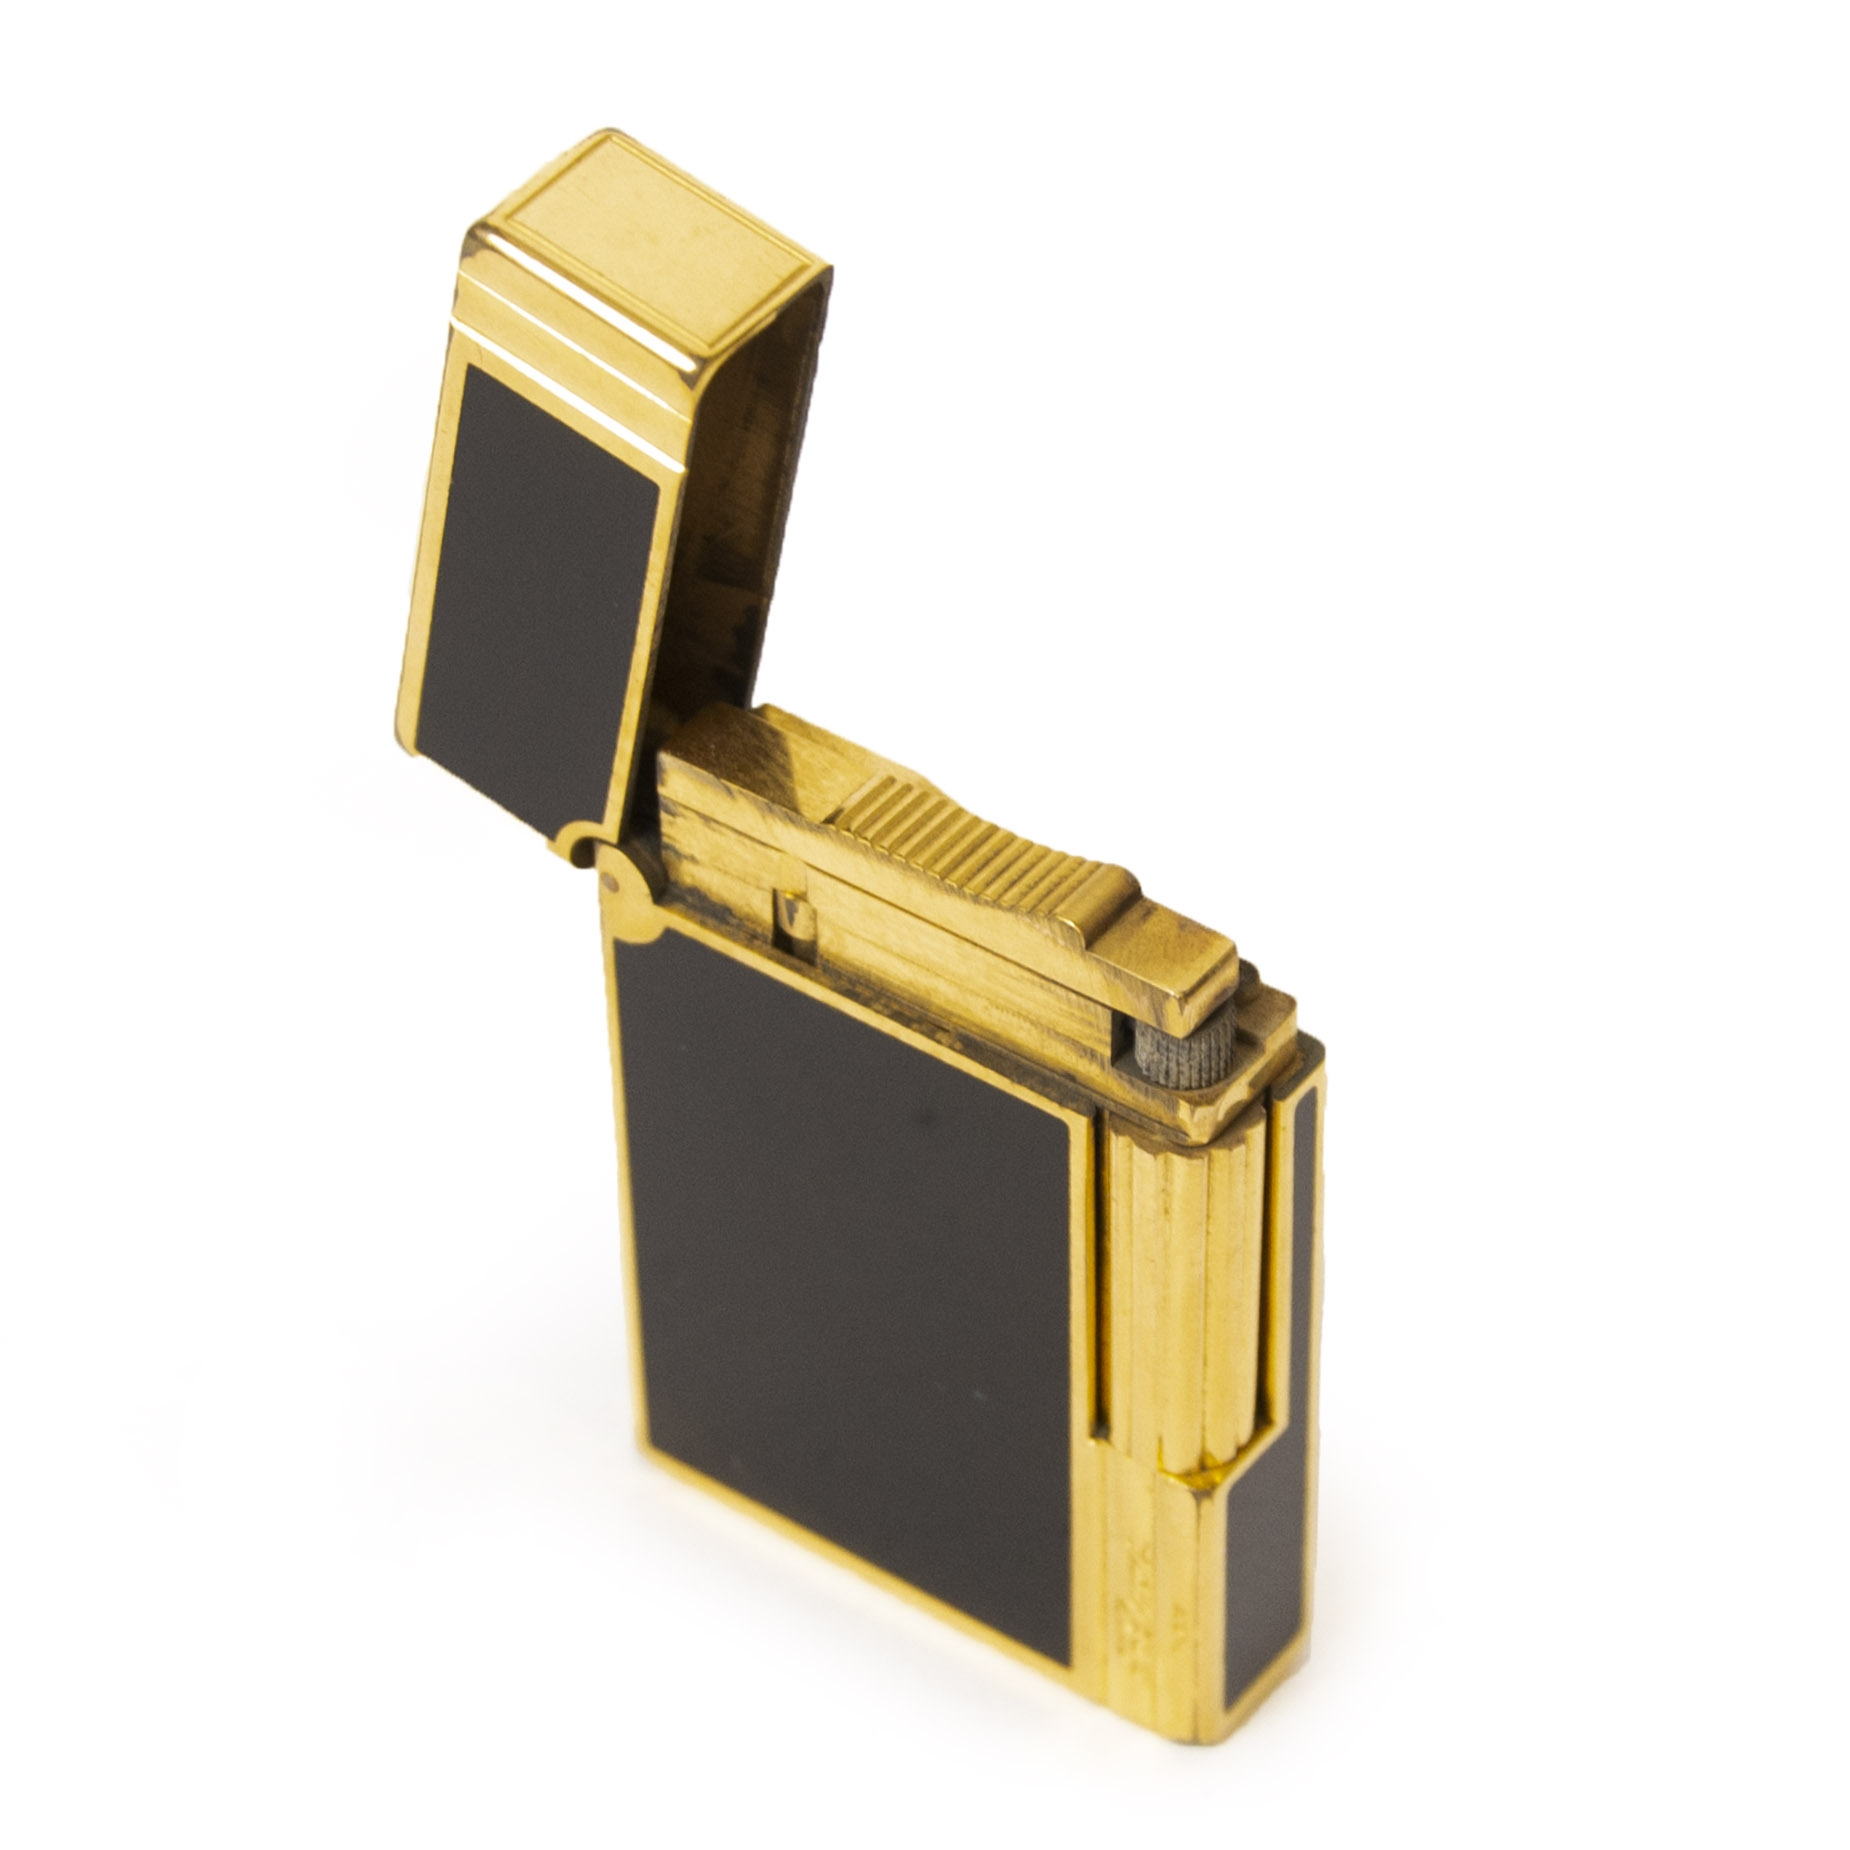 Authentieke tweedehands S.T. Dupont Black & Gold Line 2 Lighter juiste prijs veilig online winkelen LabelLOV webshop luxe merken winkelen Antwerpen België mode fashion